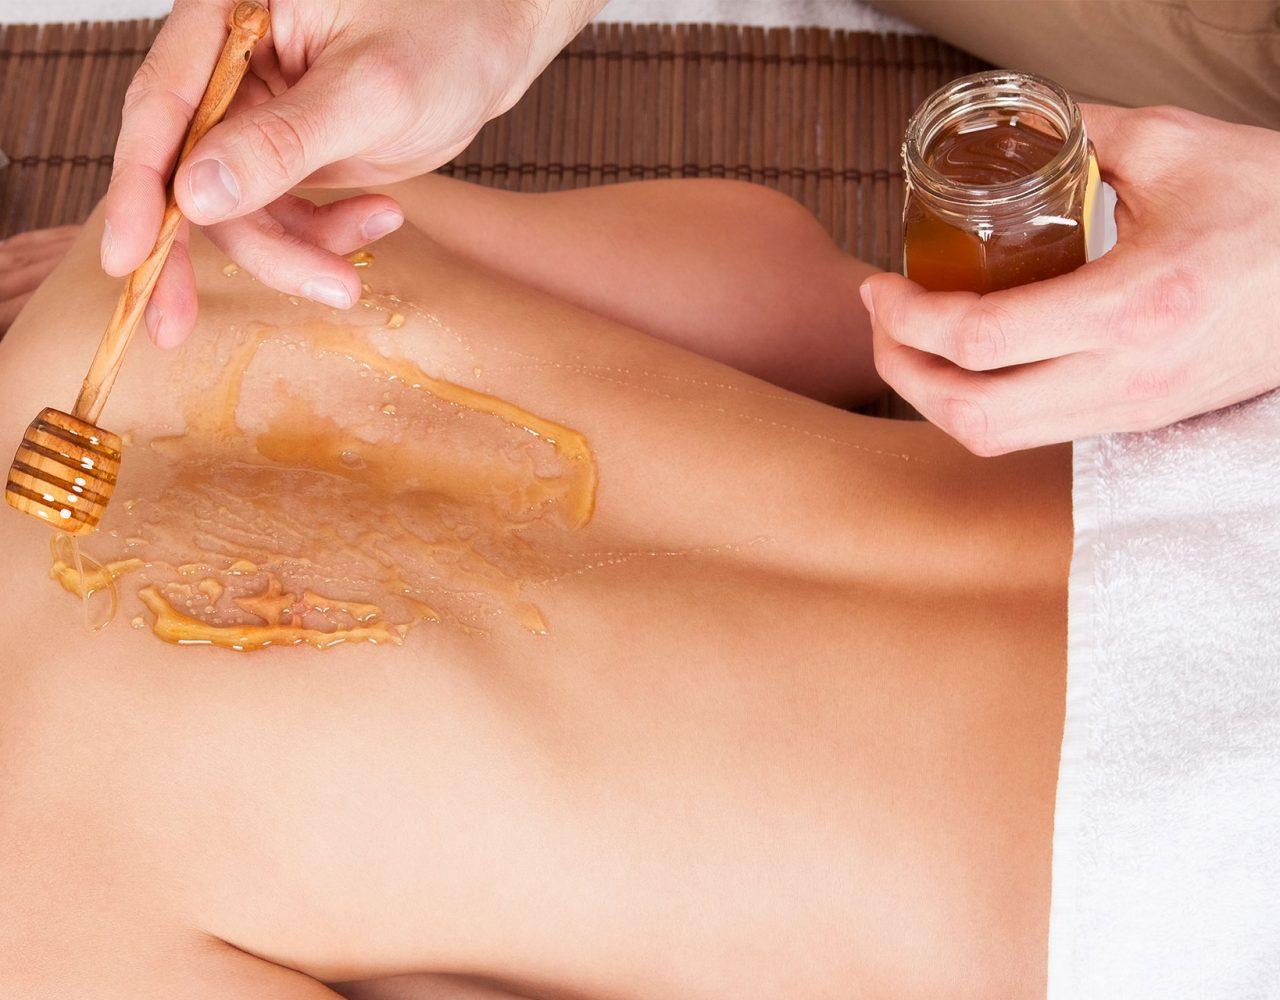 Мед И Соль В Бане Для Похудения. Как использовать мед в бане для похудения?